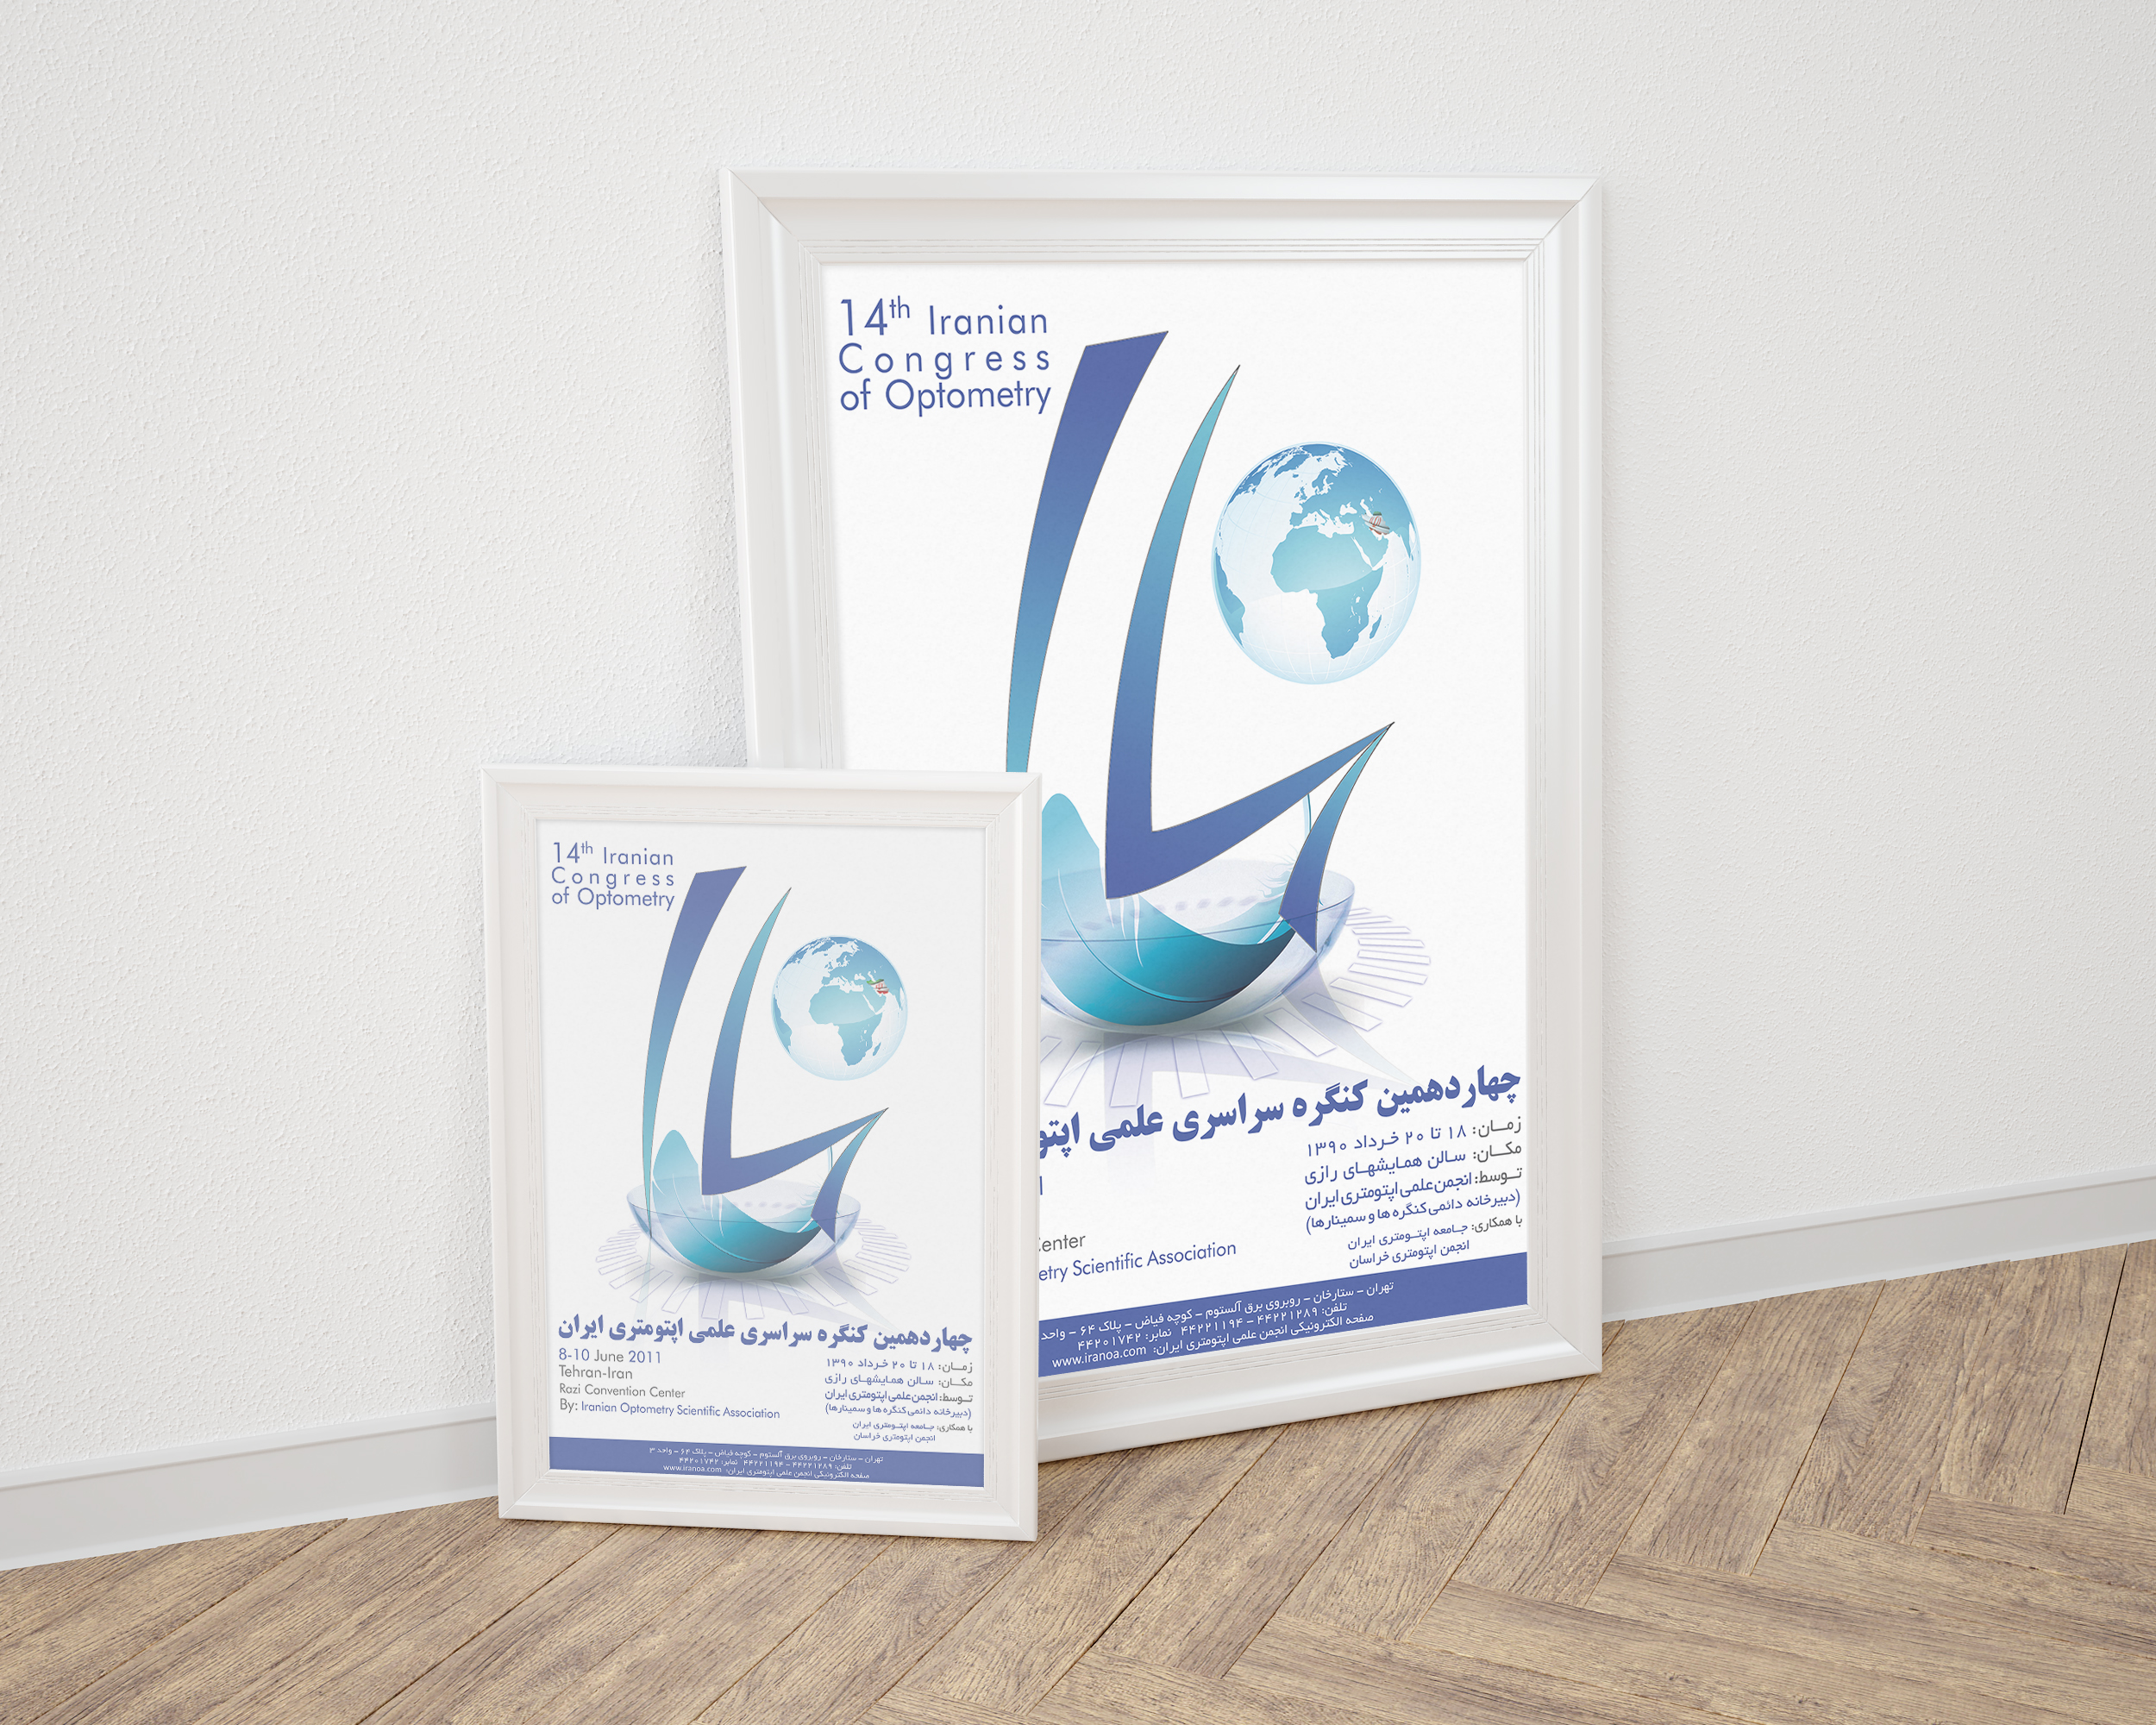 انجمن علمی اپتومتری ایران